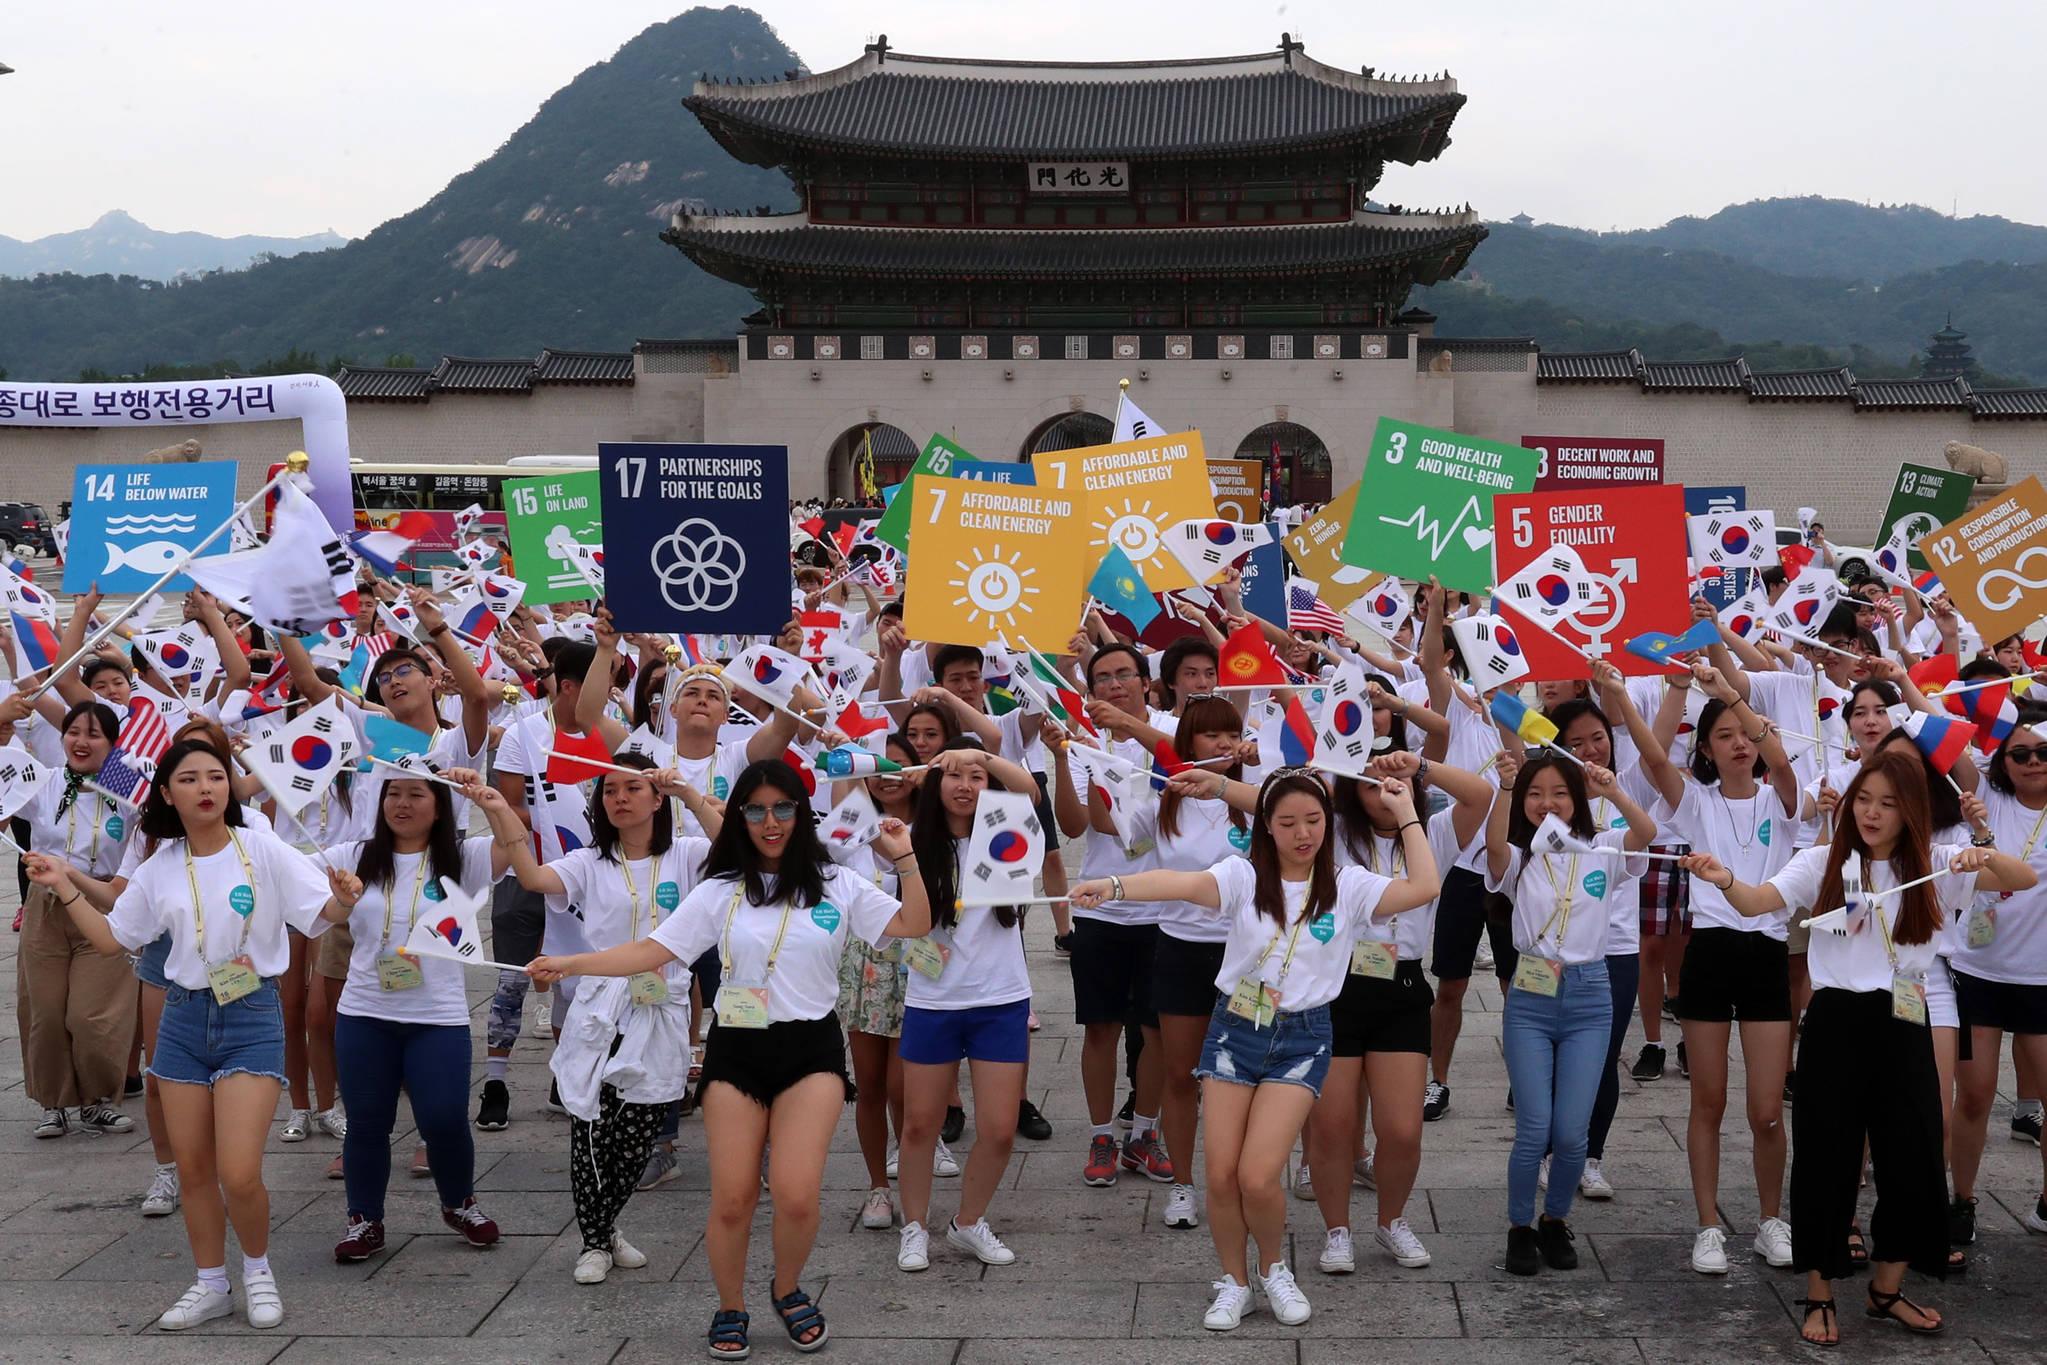 전 세계 21개국 160여 명의 재외동포 대학생들이 6일 오후 서울 광화문 북측광장에서 '재외동포 대학생 인도주의와 만나다'라는 주제로 아리랑 플래시몹을 하고 있다. 조문규 기자